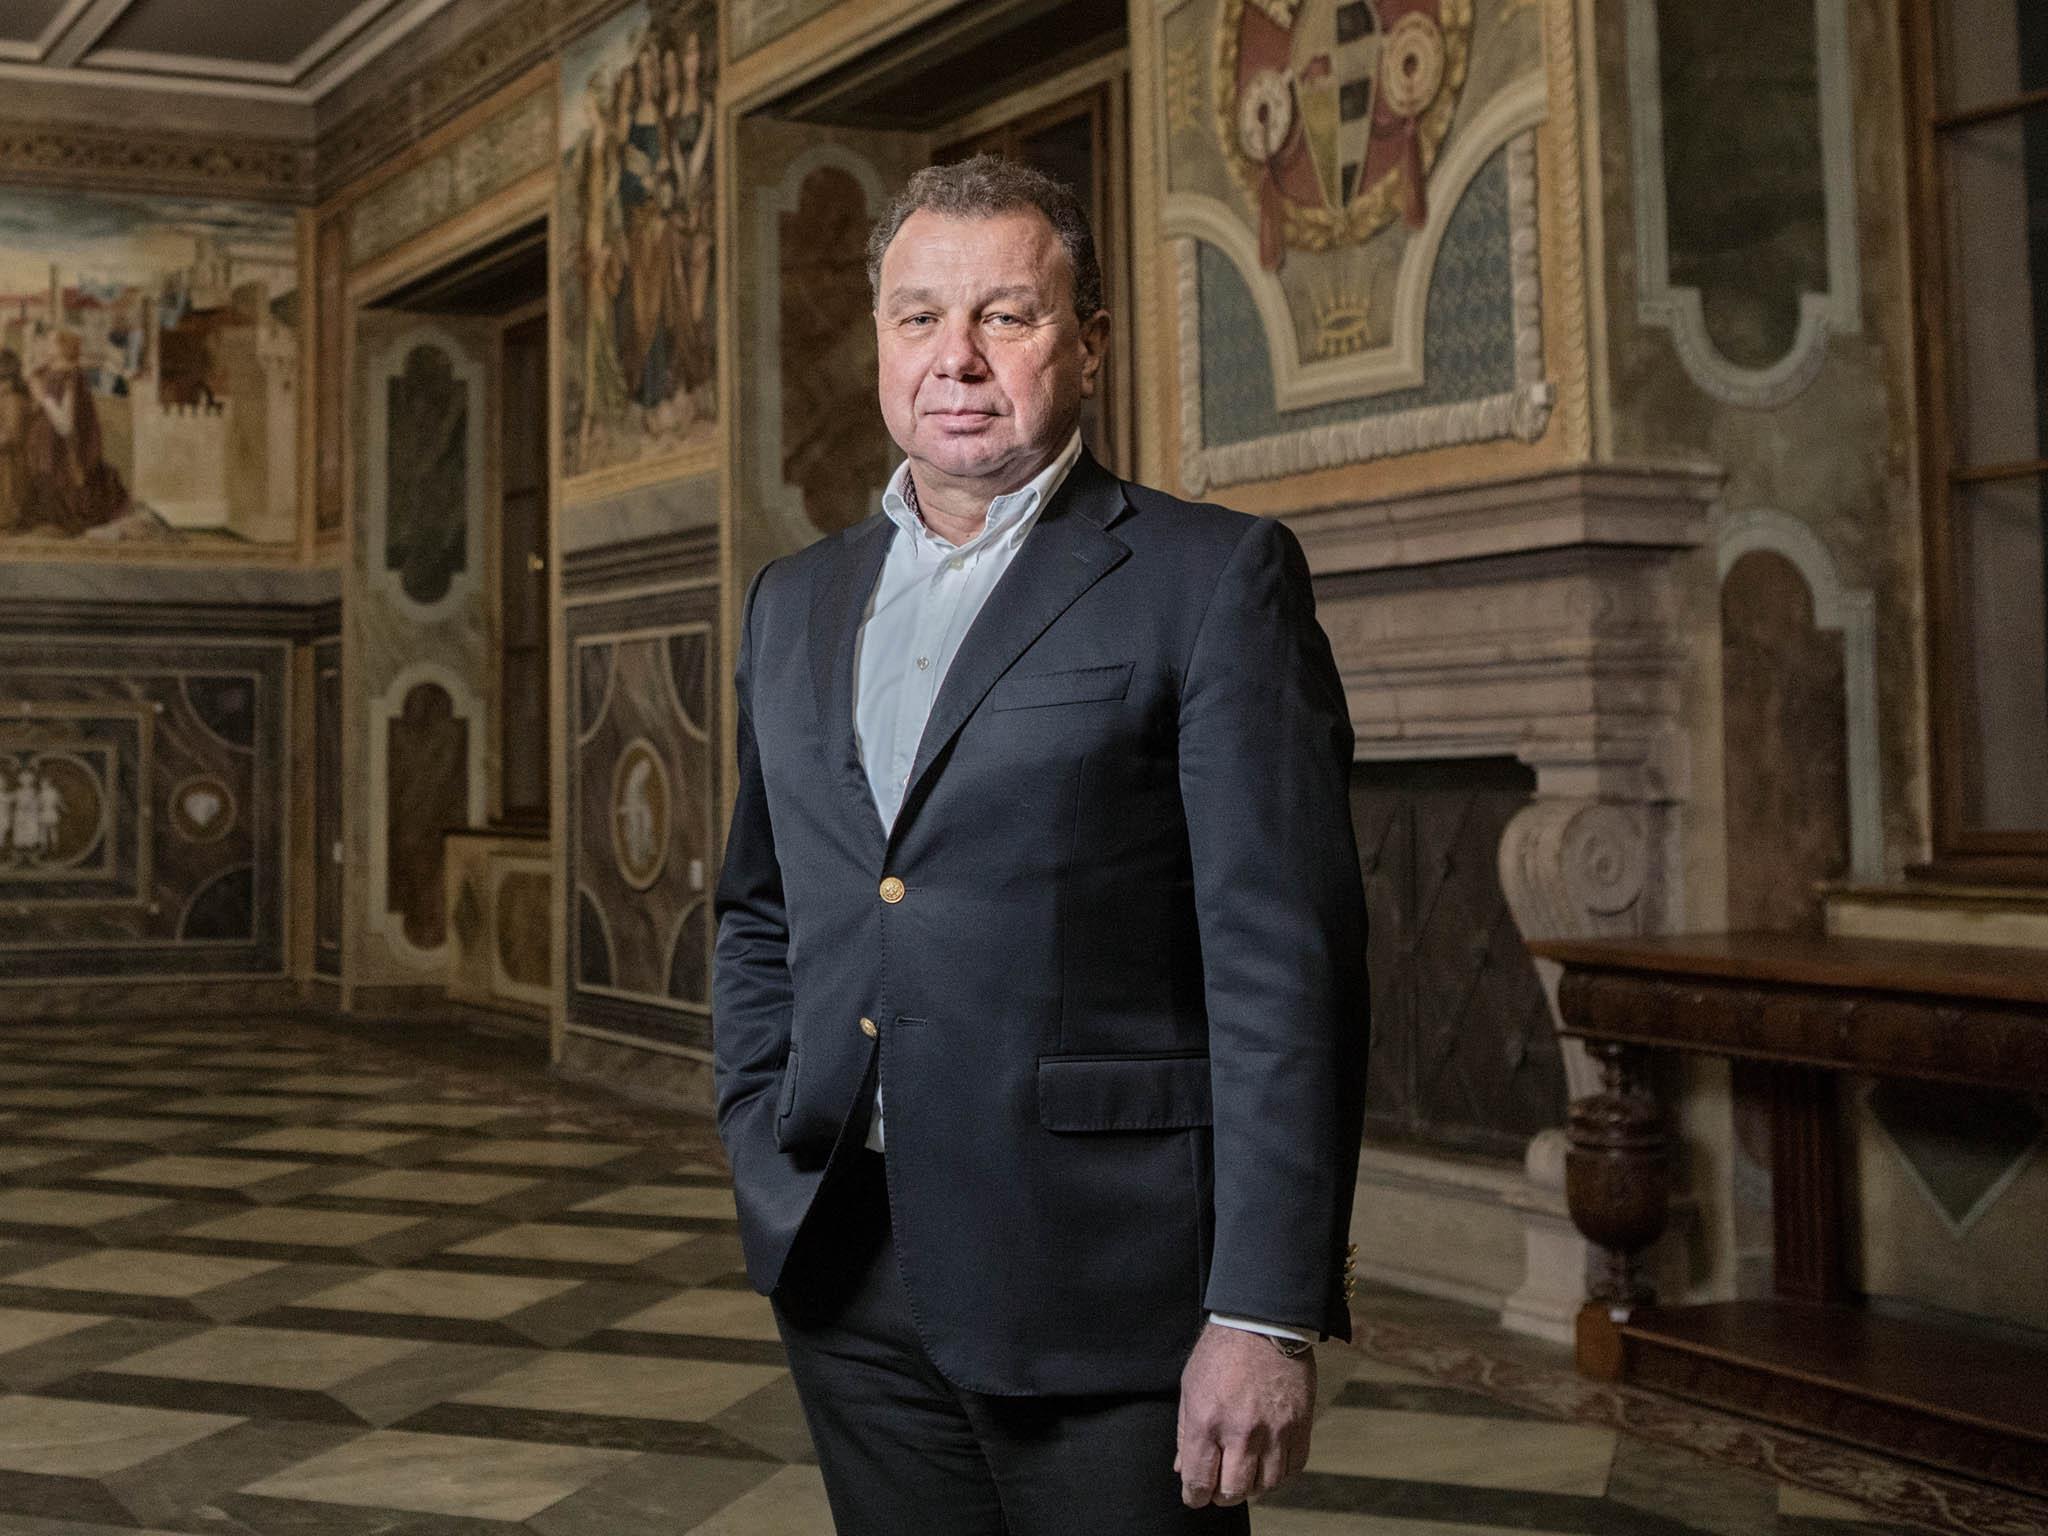 Jeden z nejbohatších Čechů Oldřich Šlemr hovoří osvém byznysu, sbírce umění ataké snaze rychle rozjet projekt revitalizace bývalého hotelu InterContinental ajeho okolí.